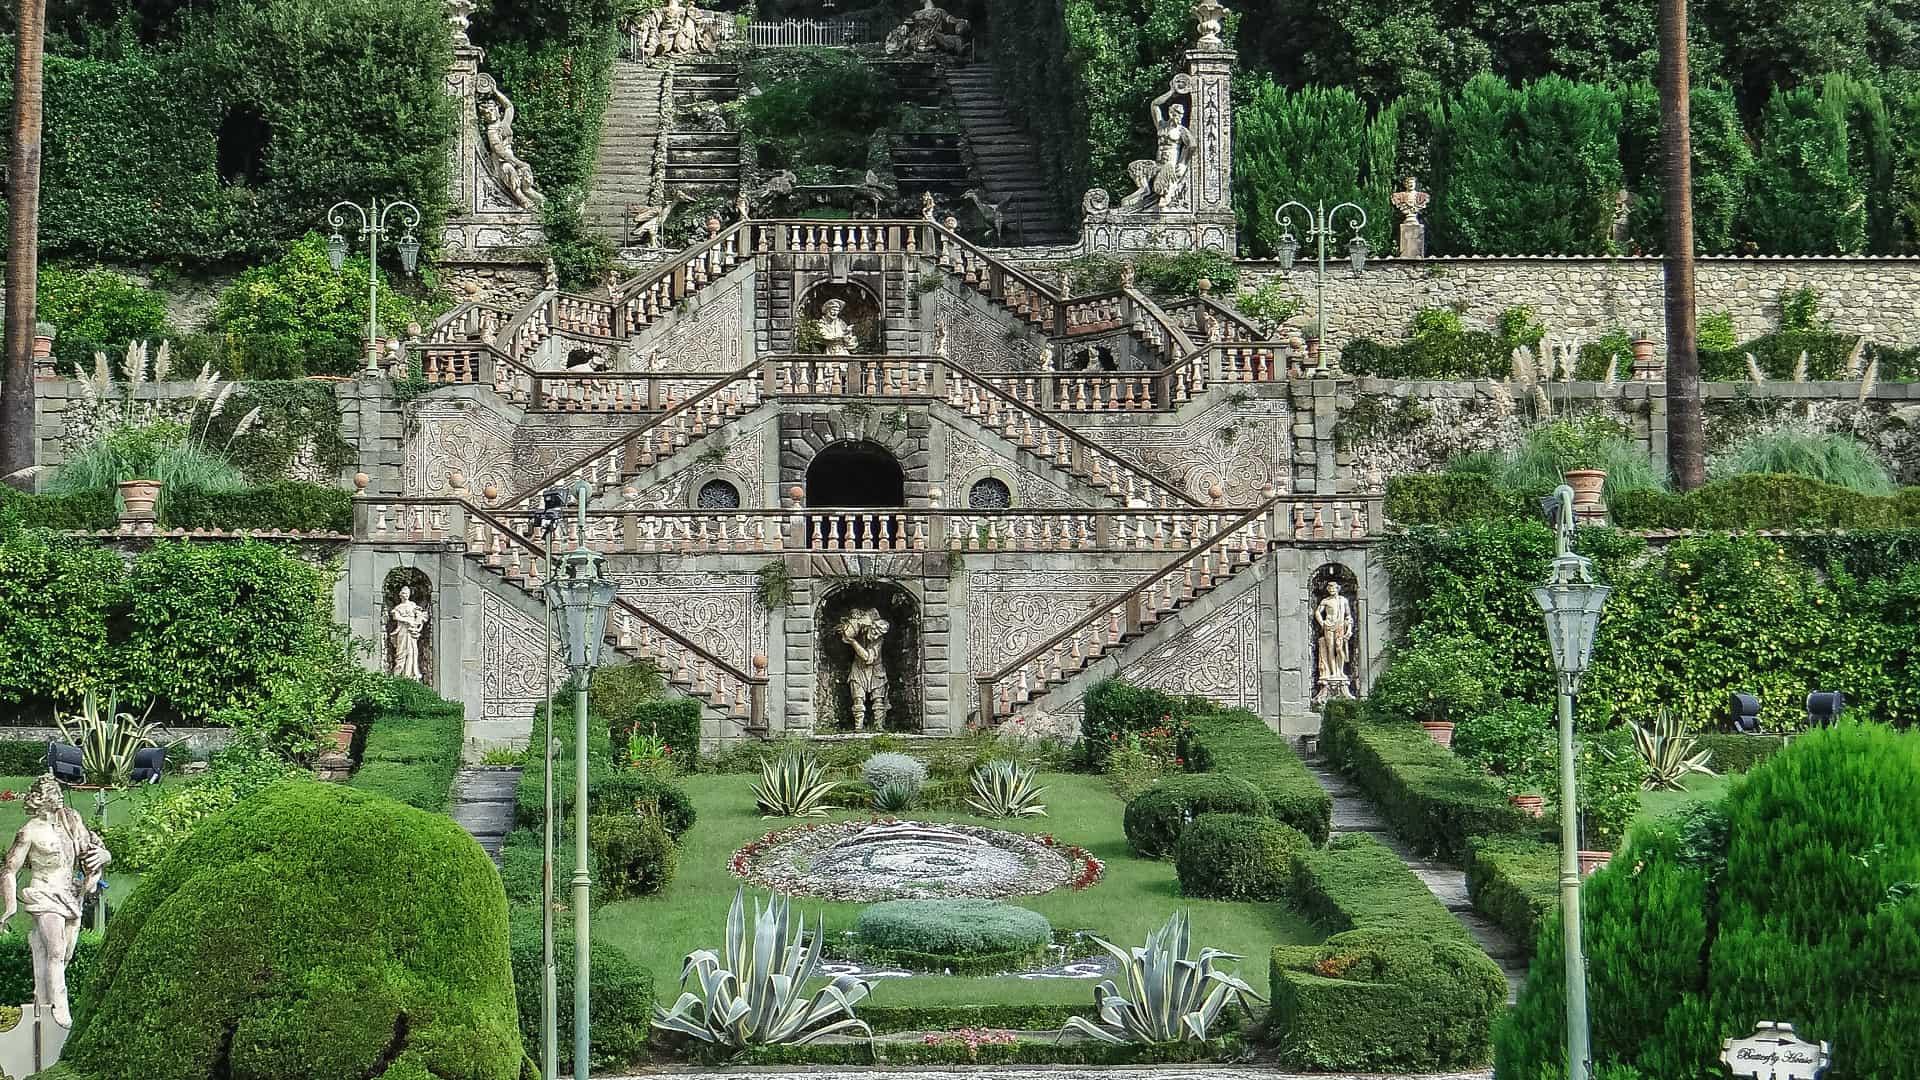 Le due rampe di scale con i tre pianerottoli che portano alla villa garzoni di collodi. In ogni piano c'è una statua centrale e due laterali. In primo piano poi parte del disegno formato con i cespugli del giardino.